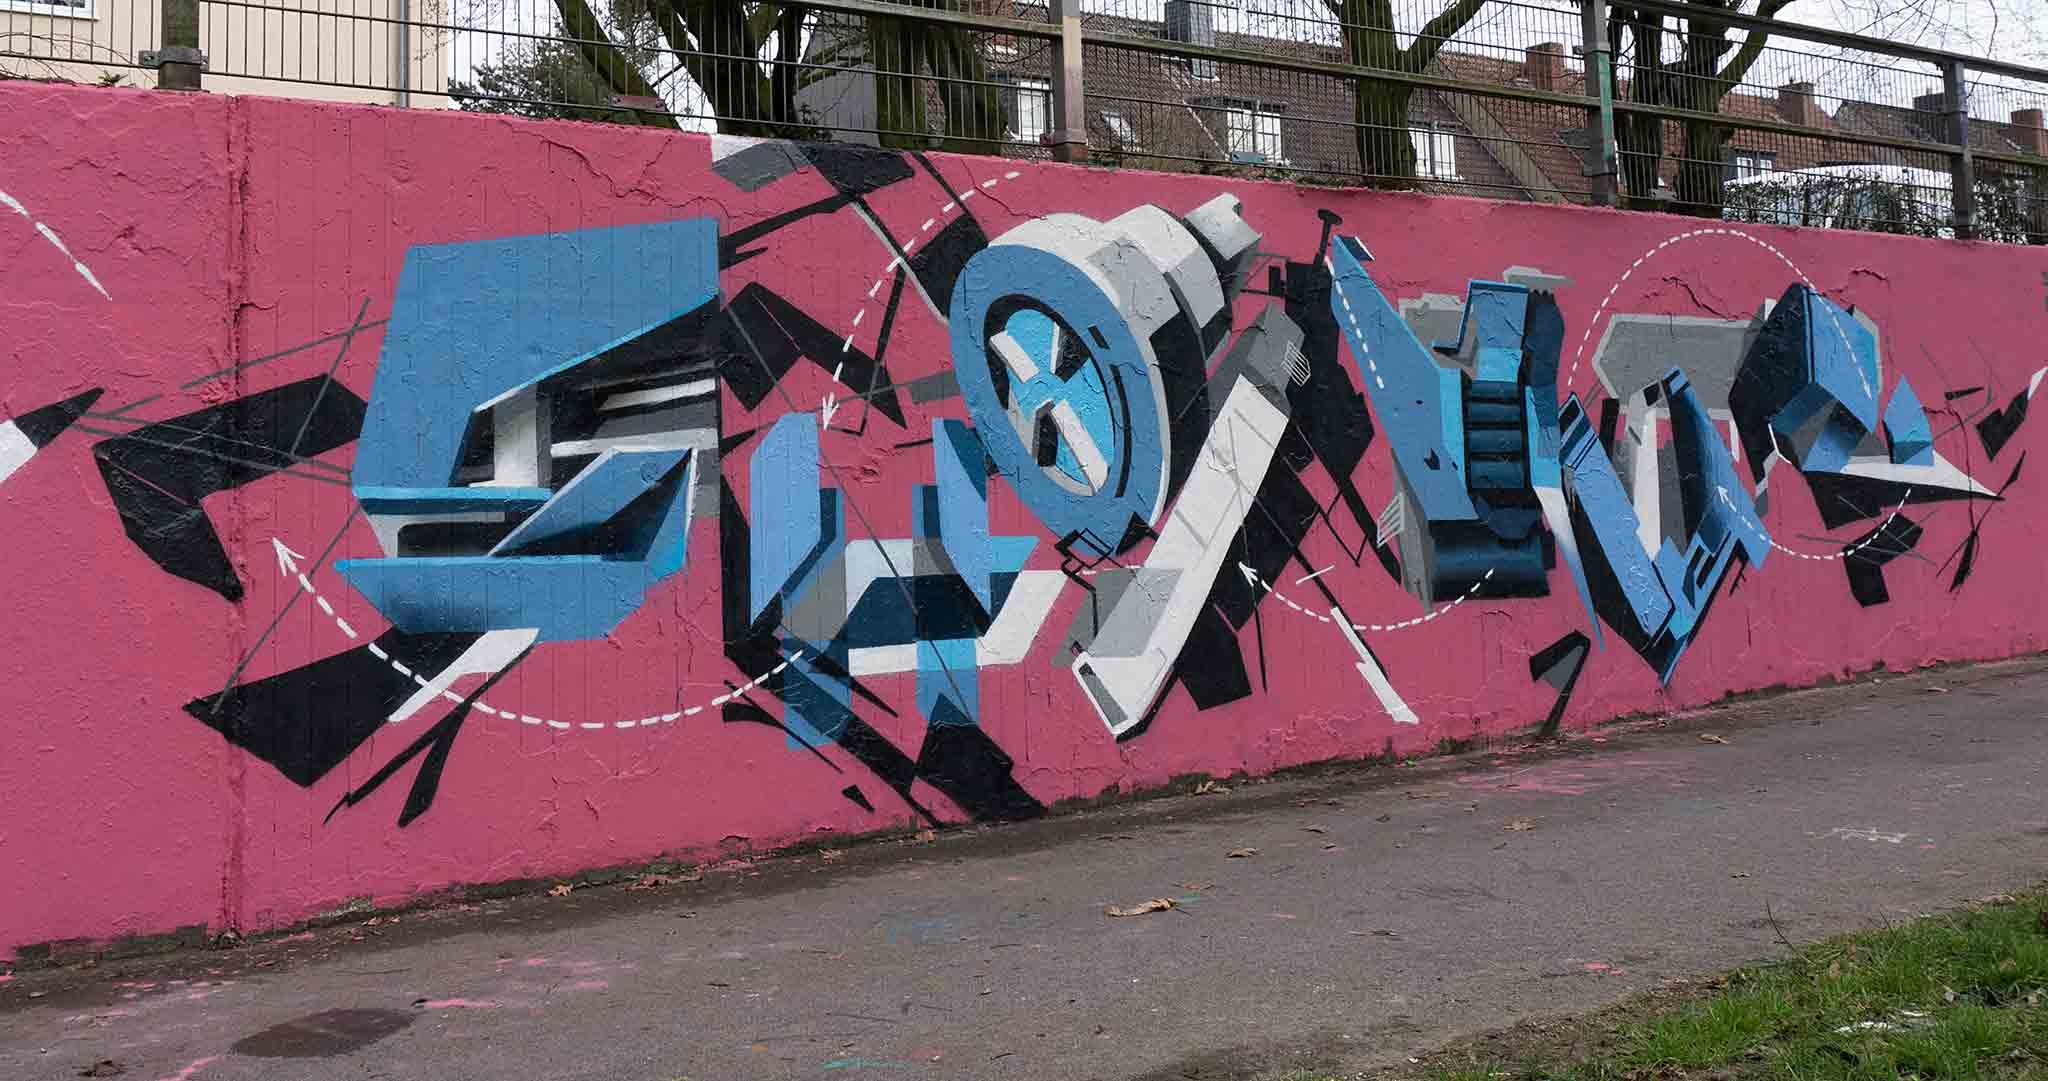 shogun_graffiti_monheim_ljda_2016_5